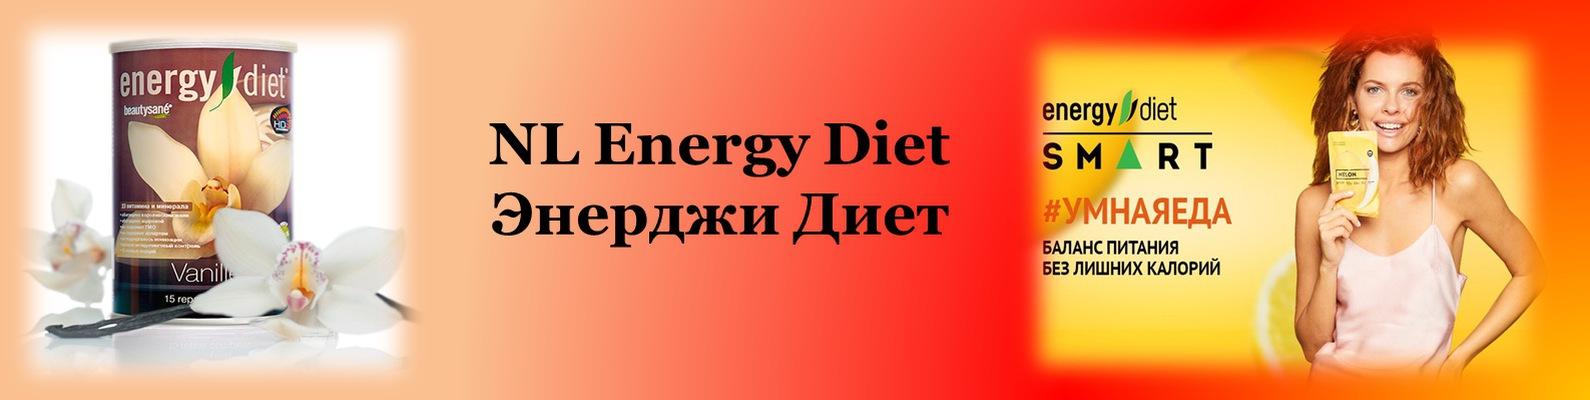 Energy Diet Энерджи Диет Купить в своем городе!